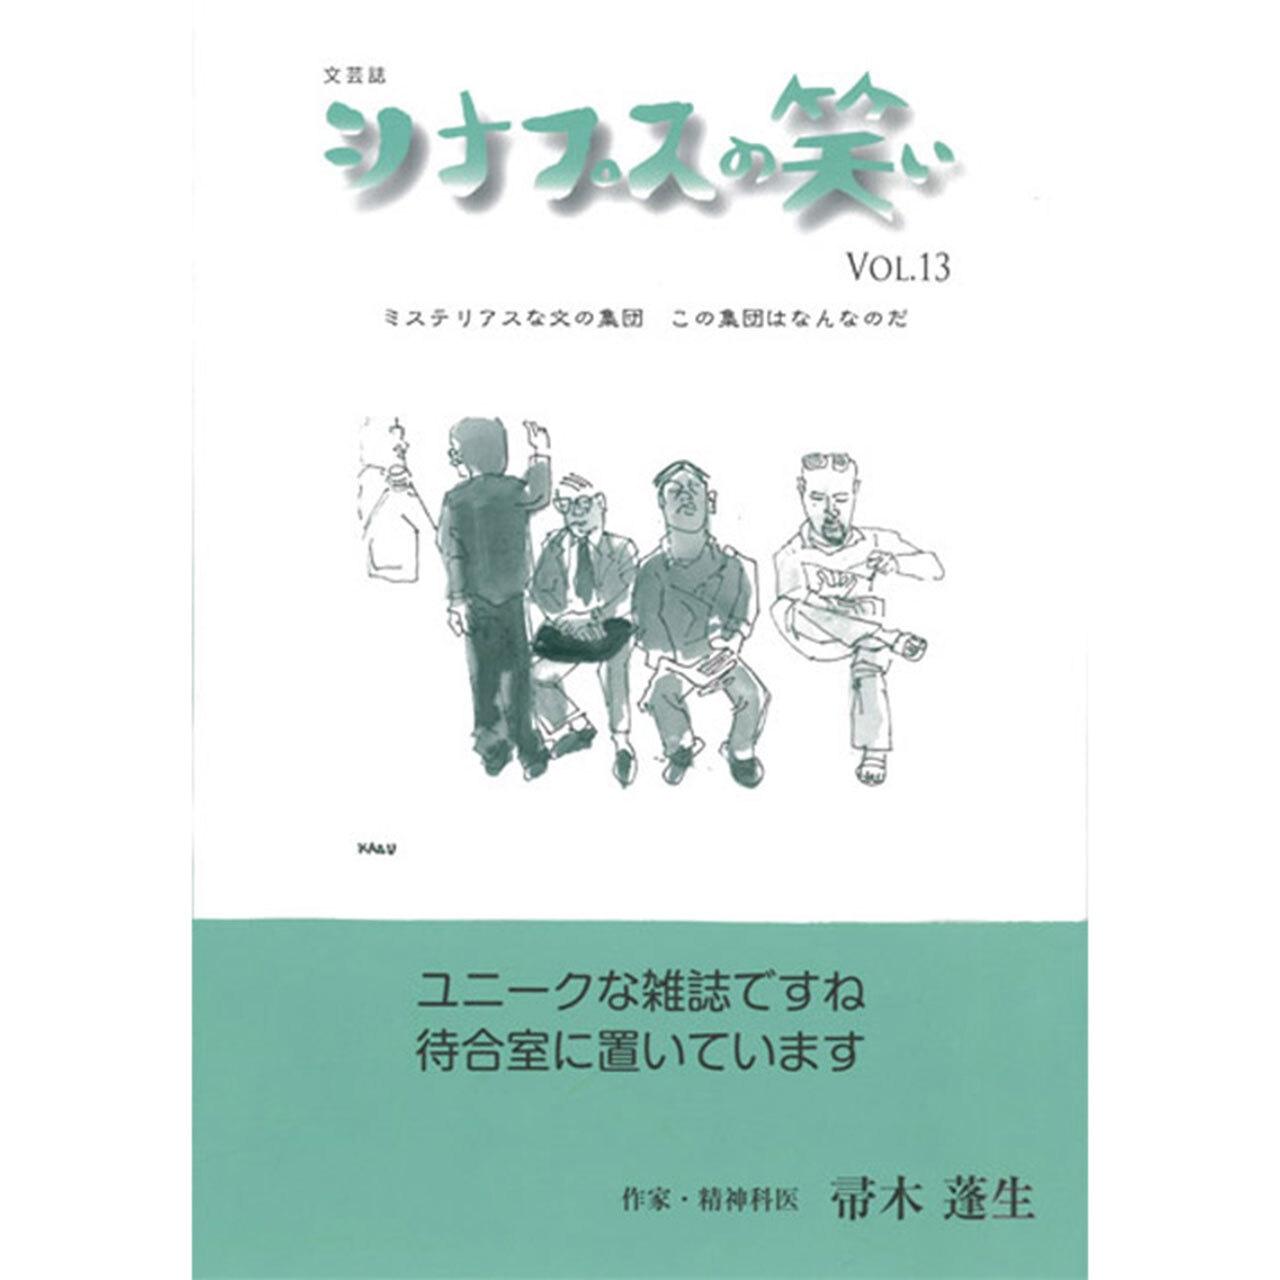 シナプスの笑い Vol.13